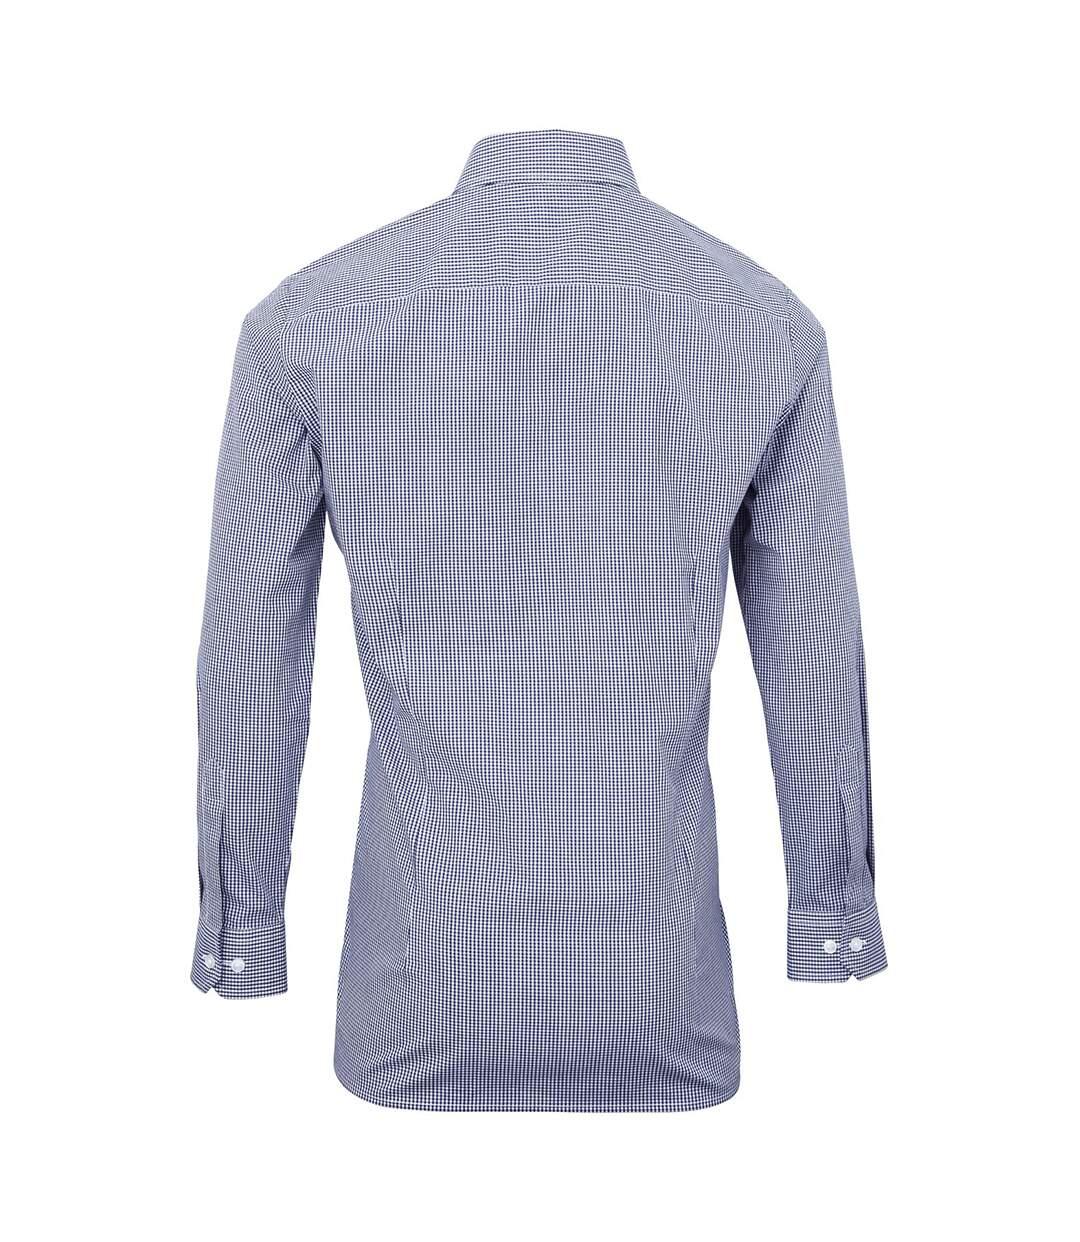 Premier Microcheck - Chemise À Manches Longues - Homme (Bleu marine/Blanc) - UTRW5526